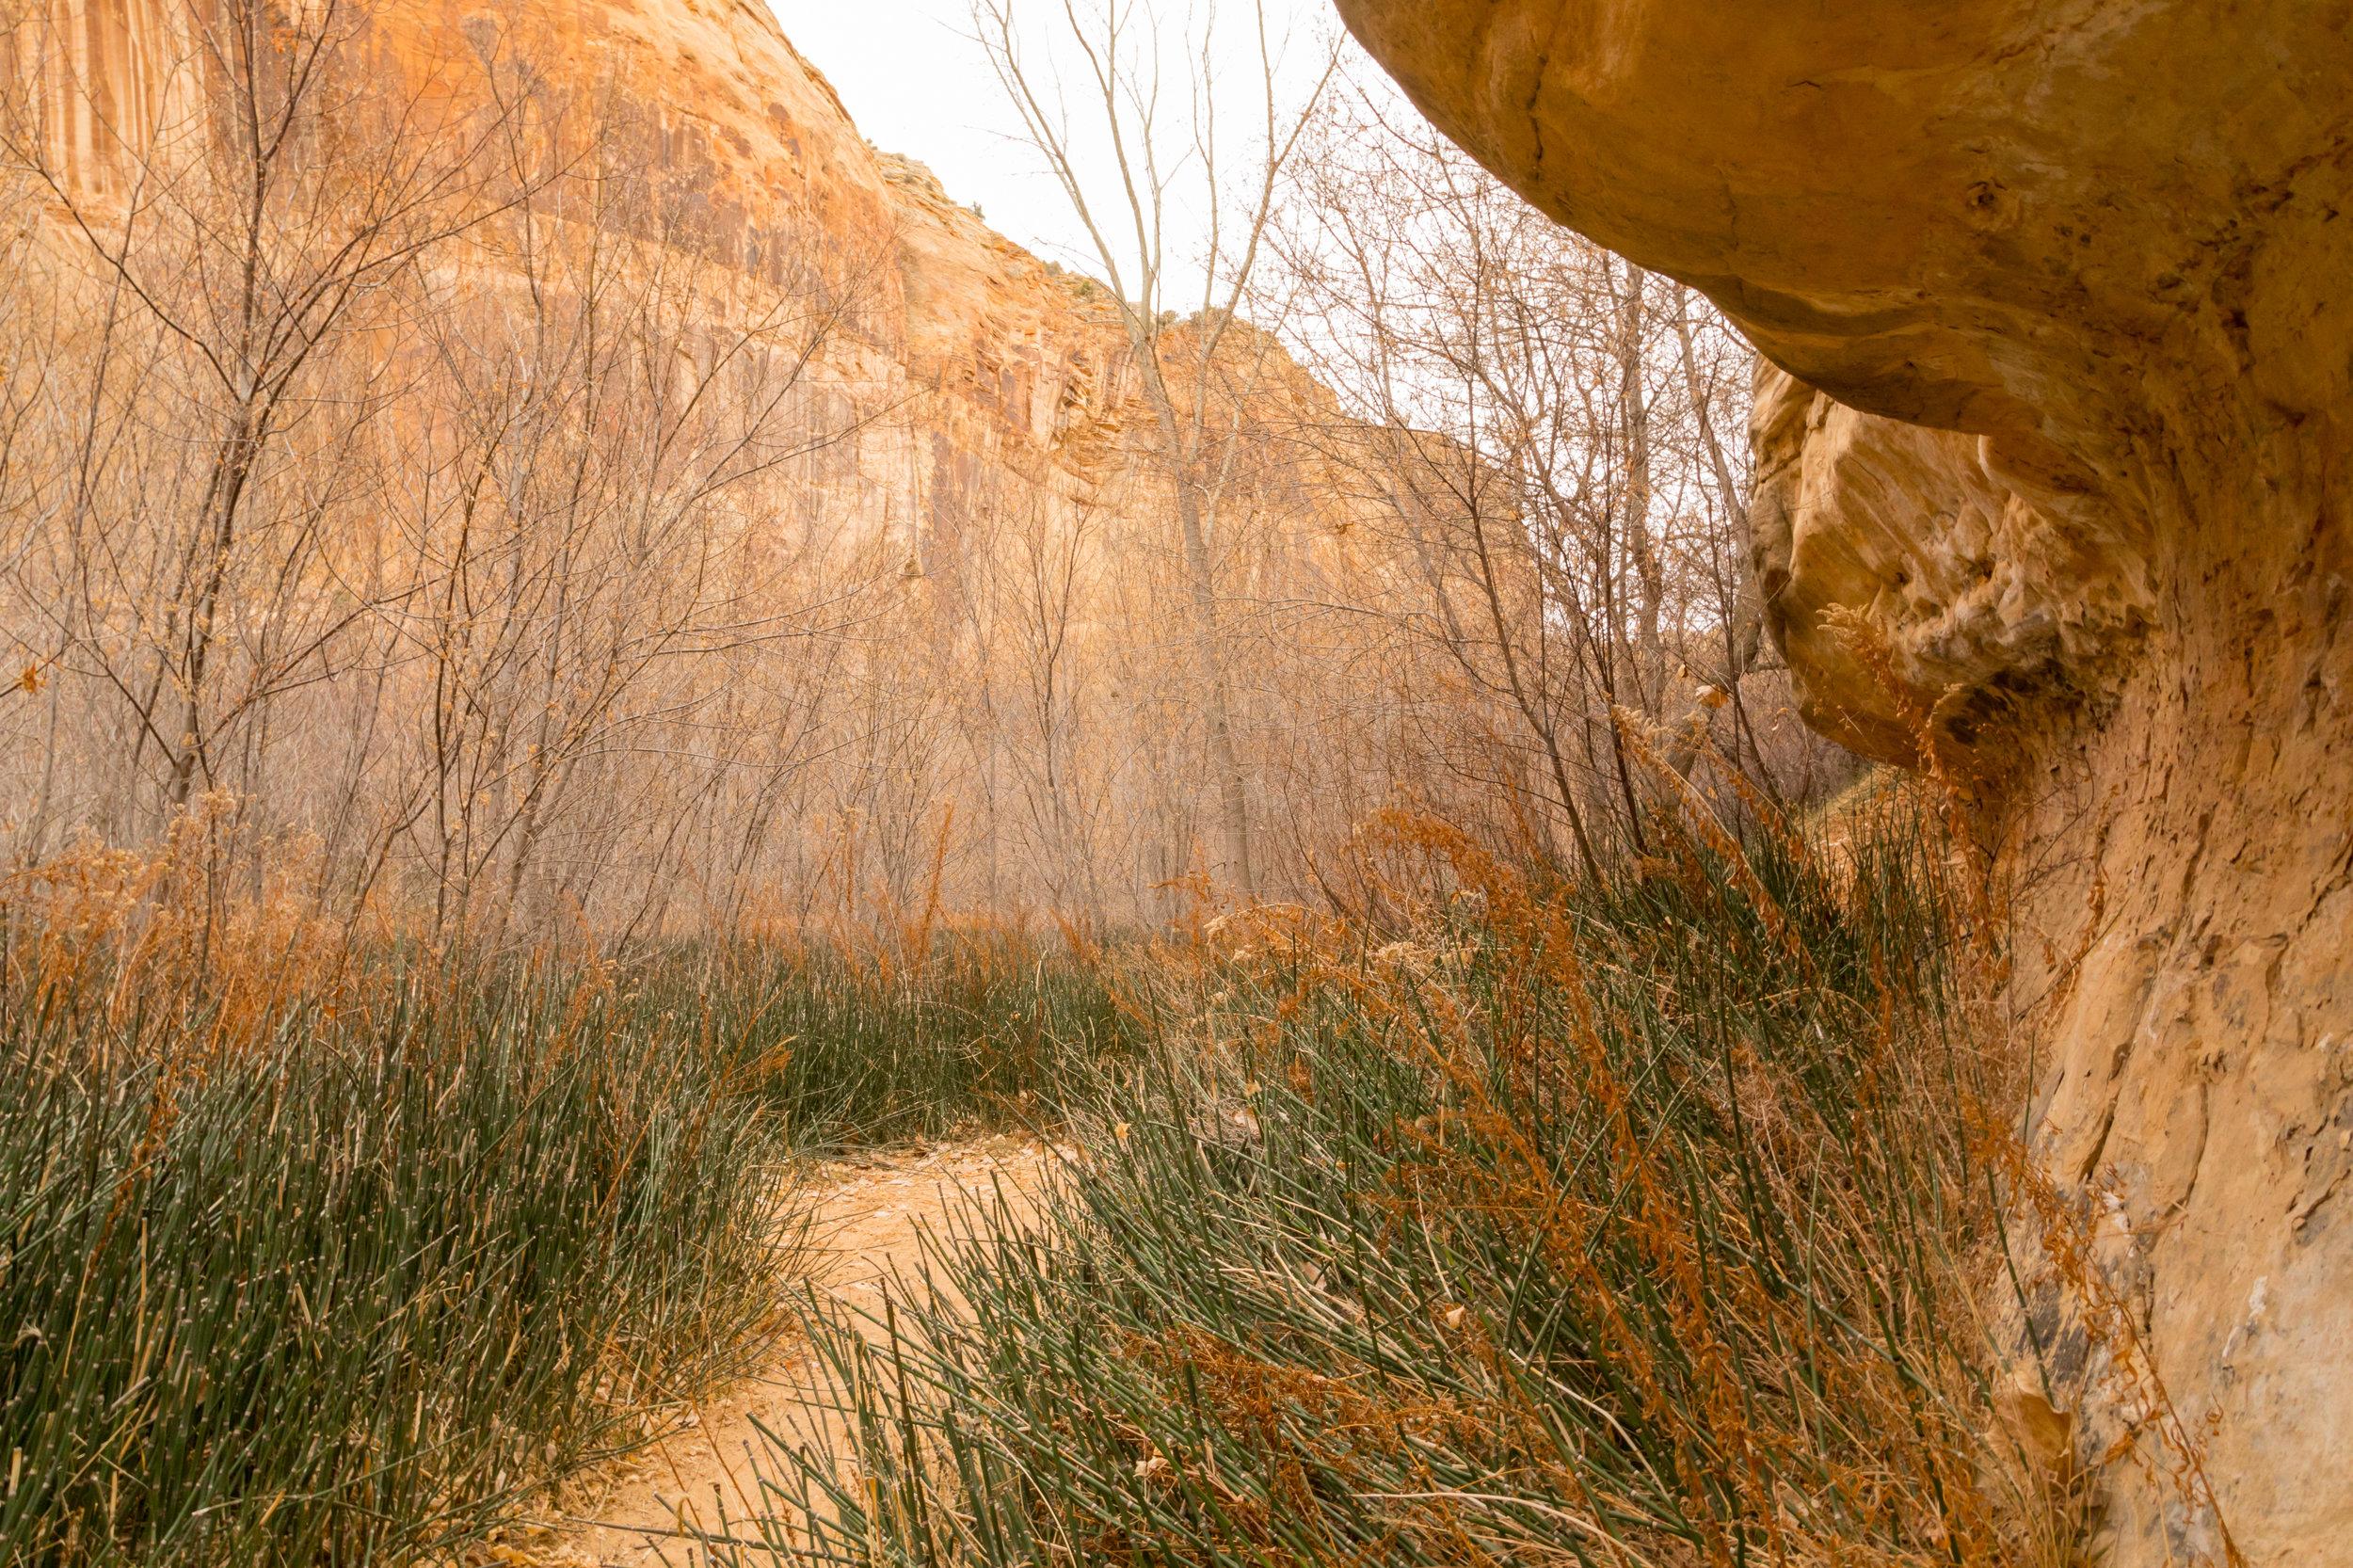 Lower Calf Creek Falls, Image # 3845